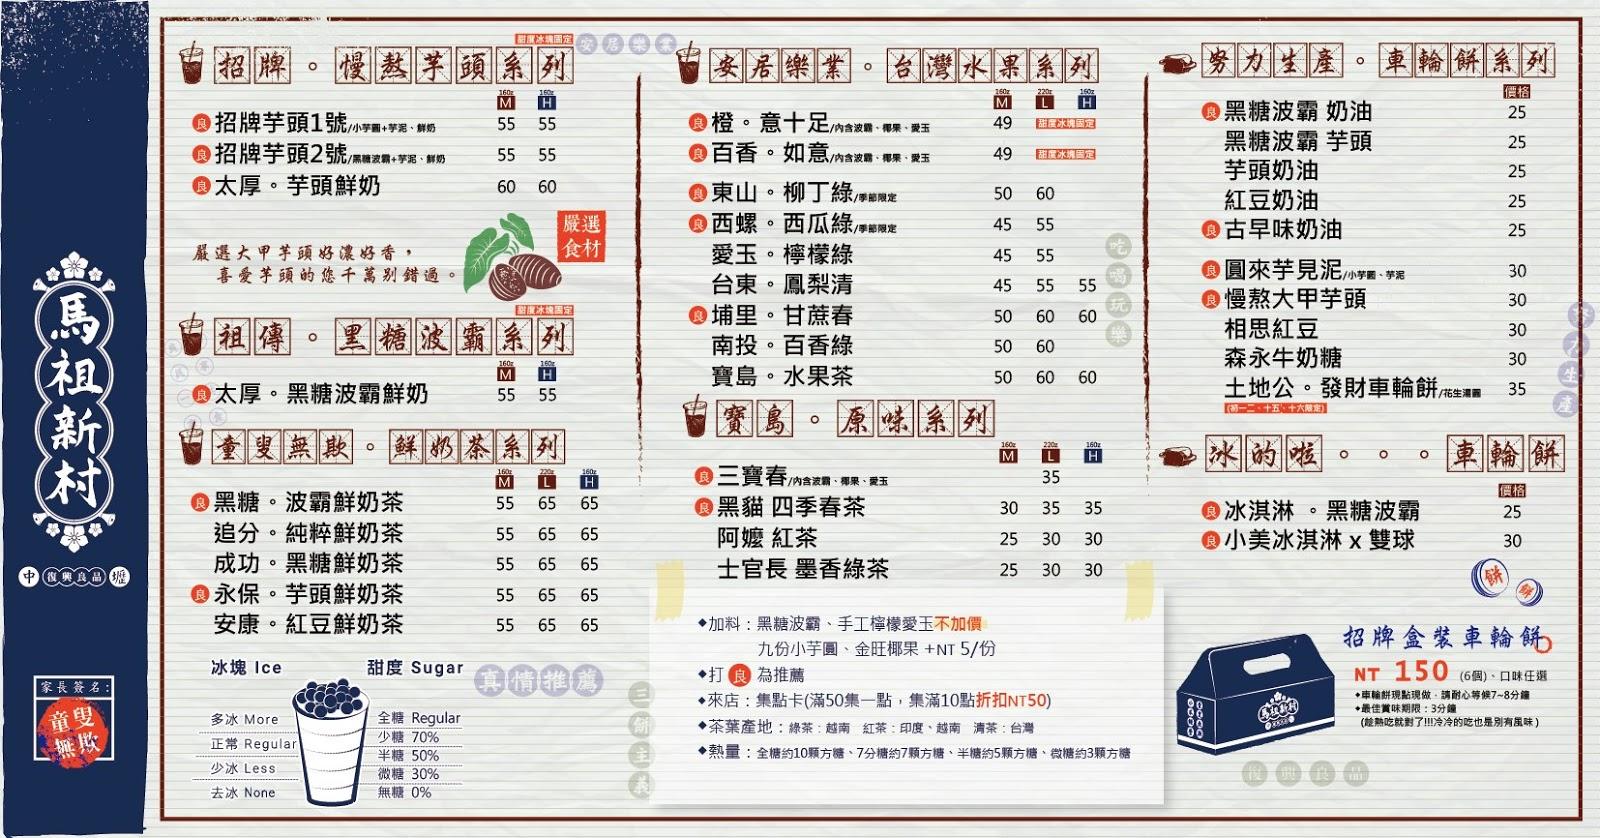 【馬祖新村】2020菜單/價目表